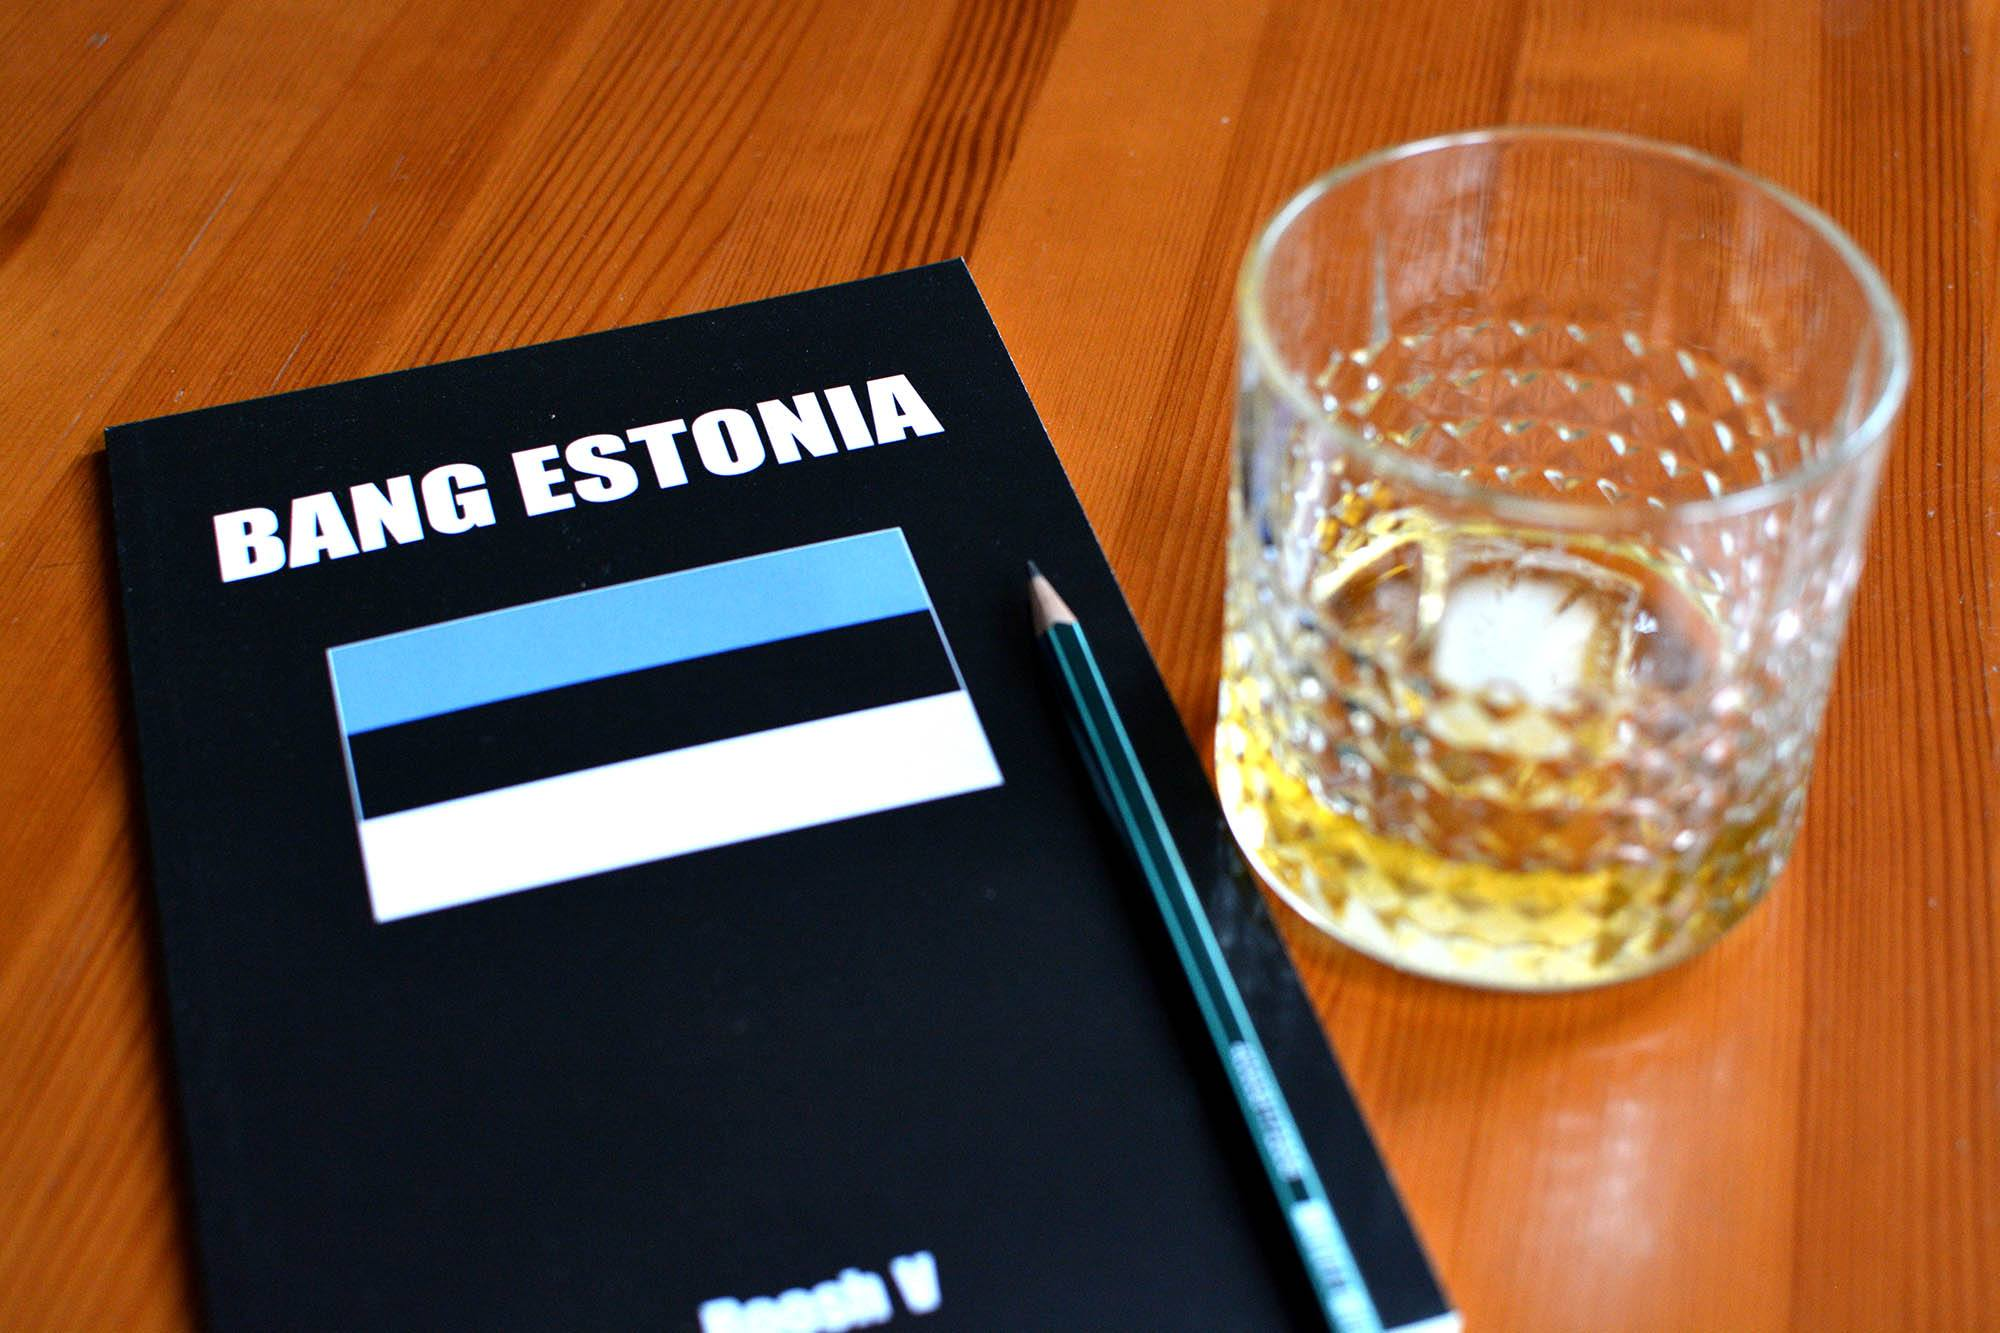 Estonia_DSC_0050_2